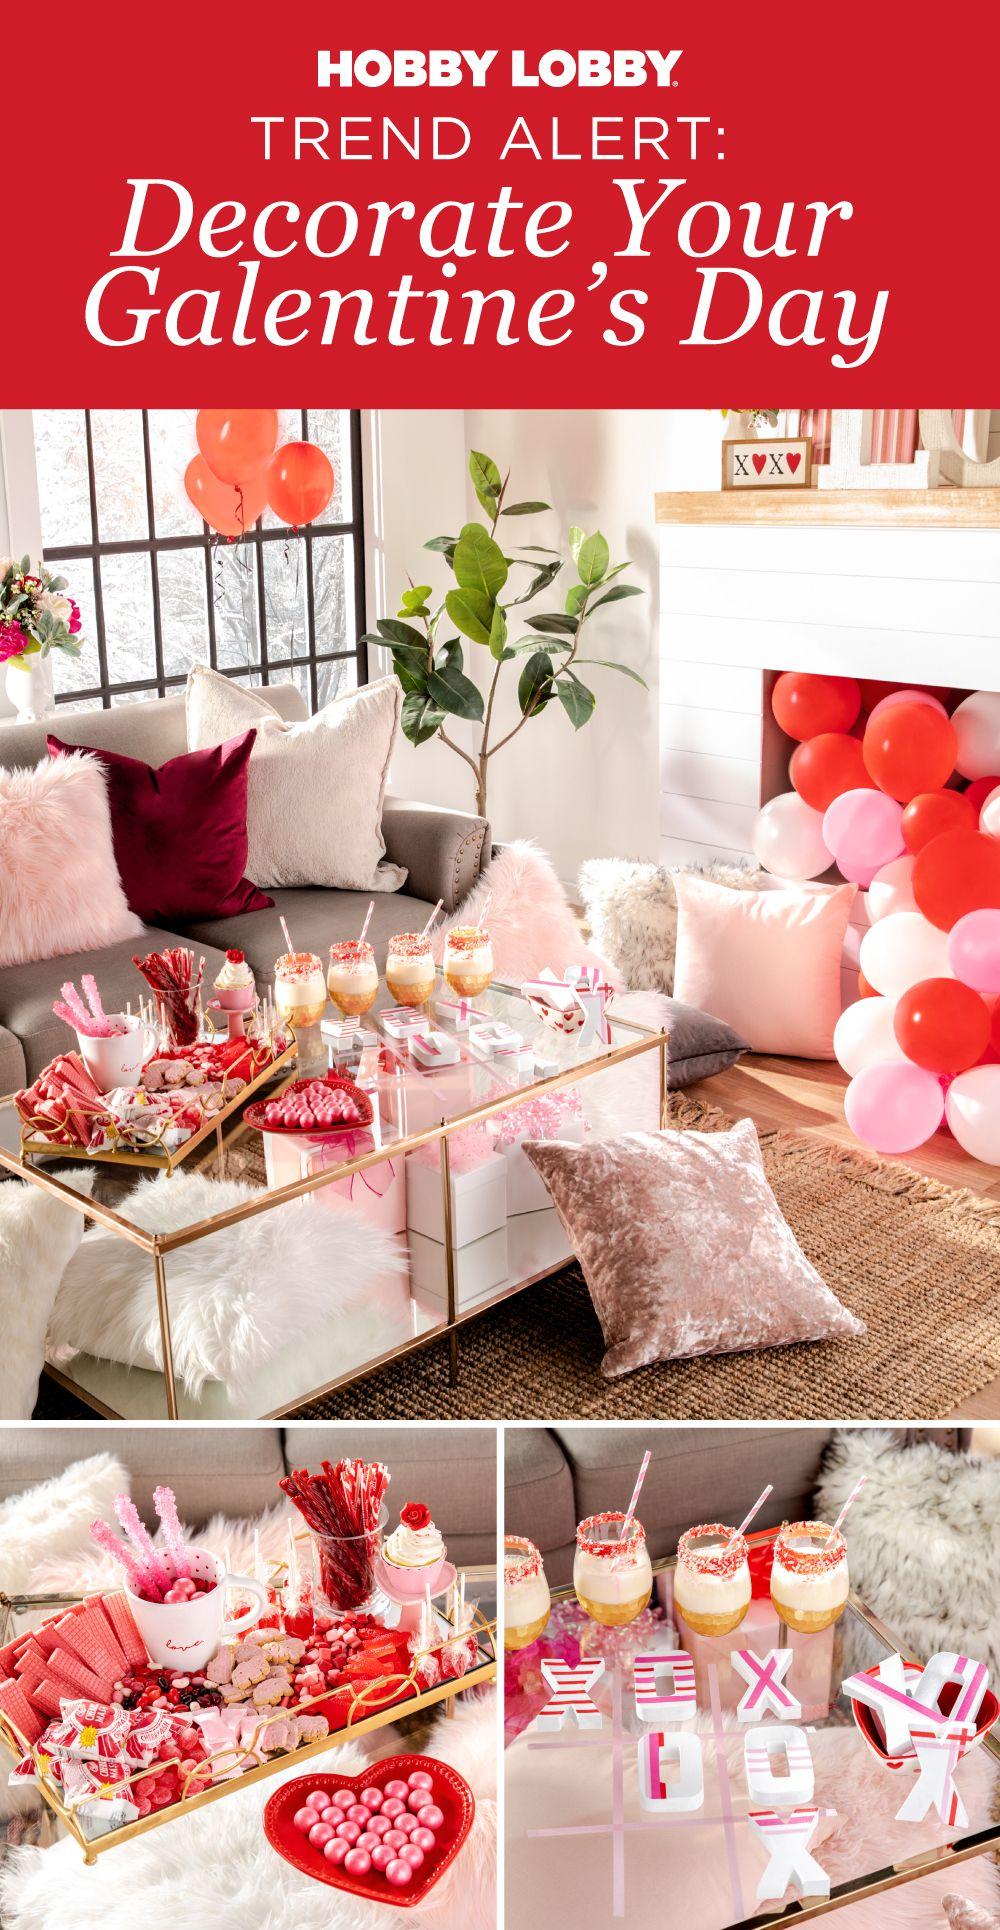 Combine Lush Decor With Bright Accents To Create The Perfect Galentine S Day Vibe Craftsman Home Interiors Lush Decor Romantic Interior